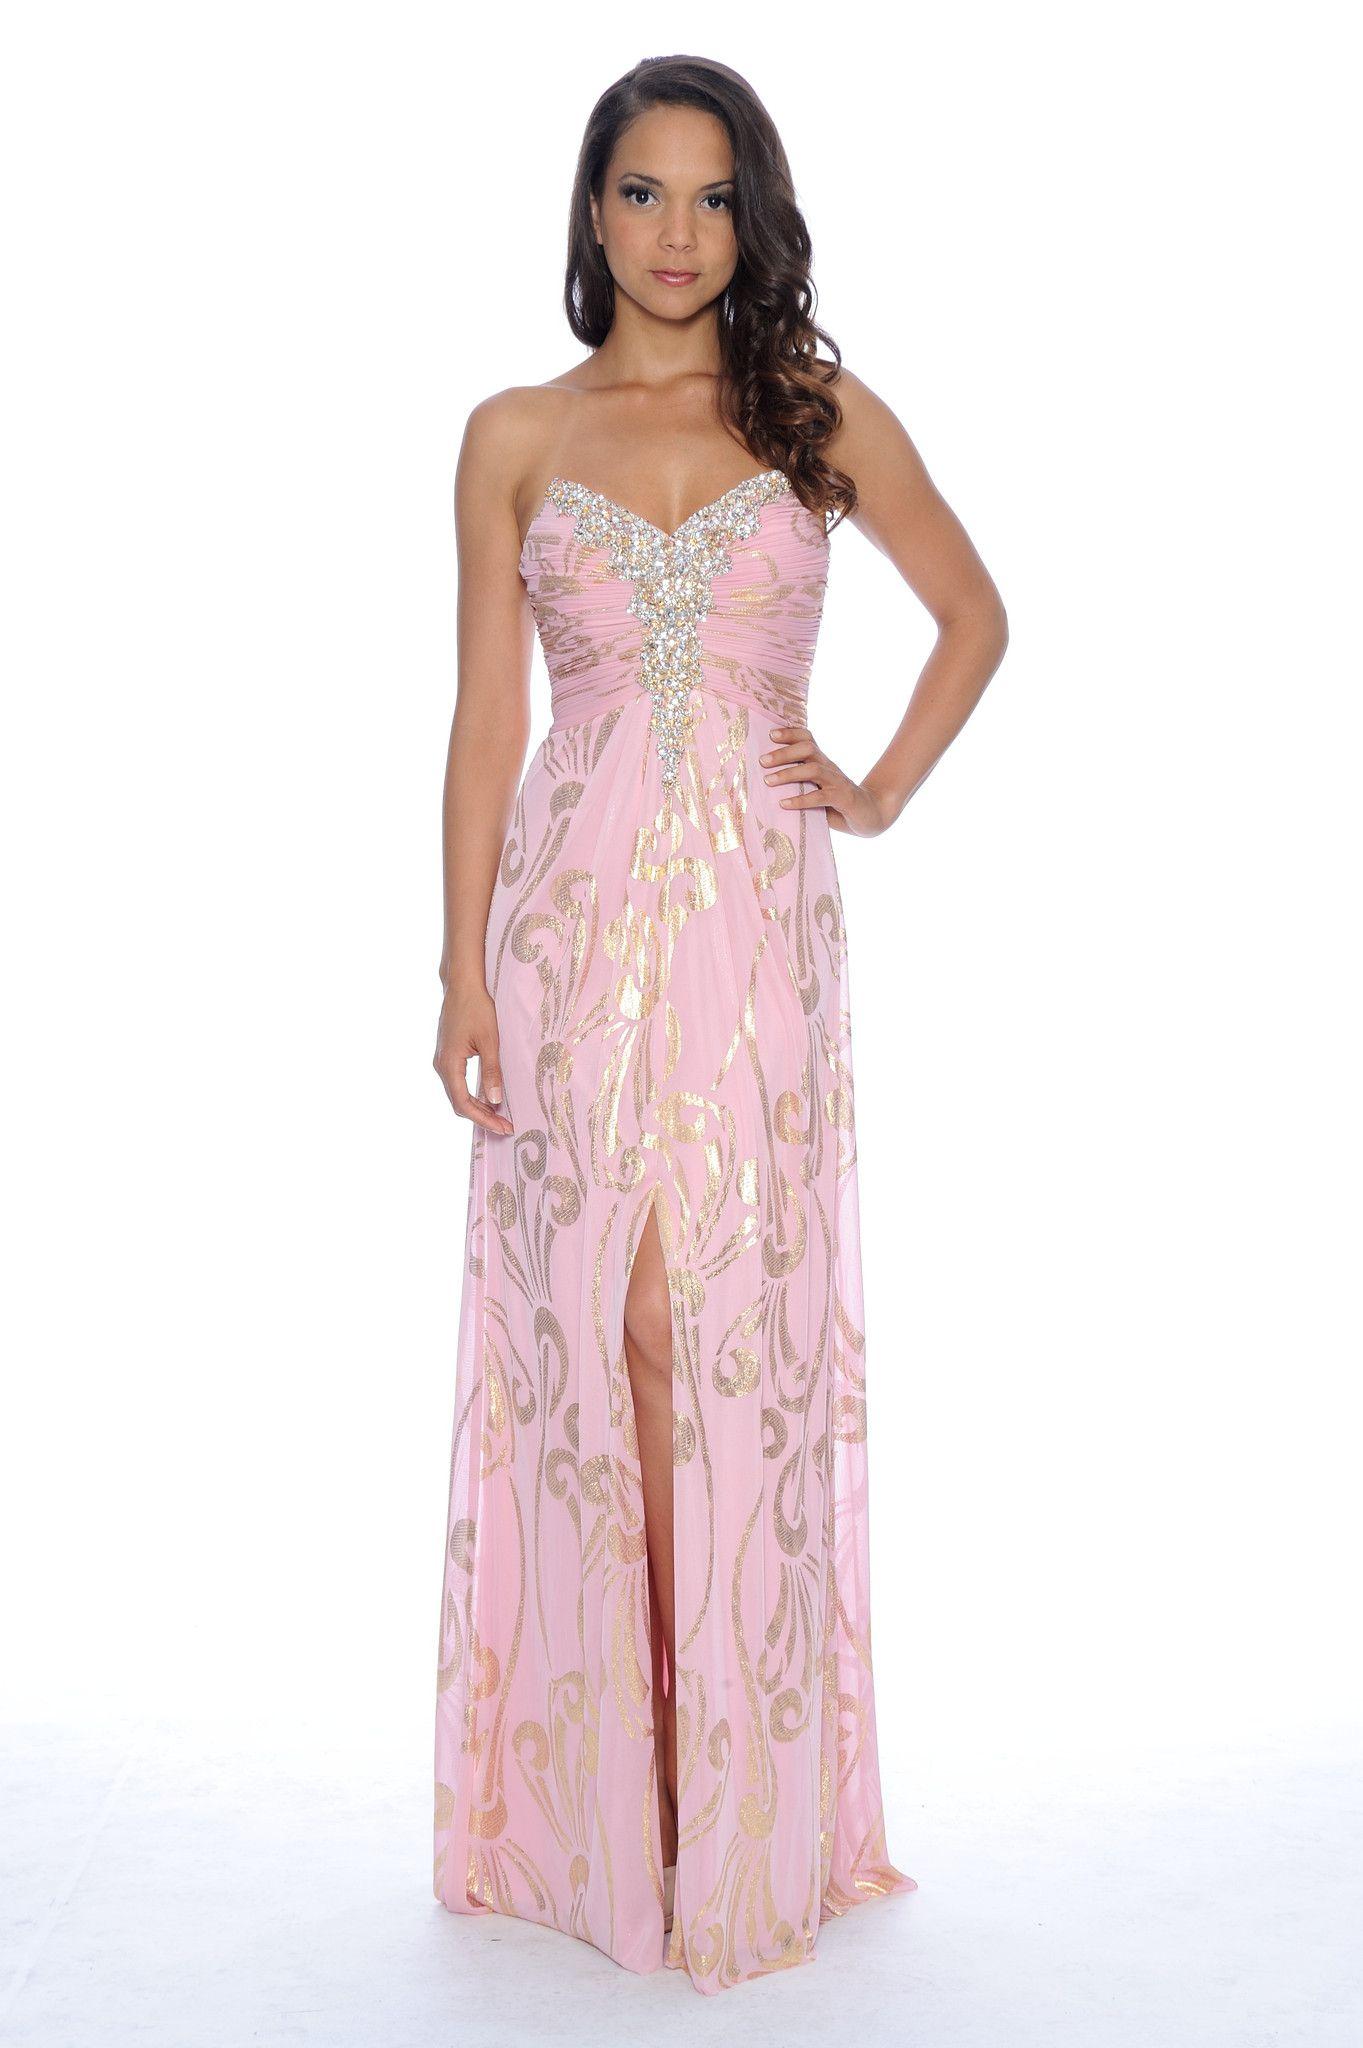 Fabulous Center slit dress (Golden flower Edition) - Blush Gold ...